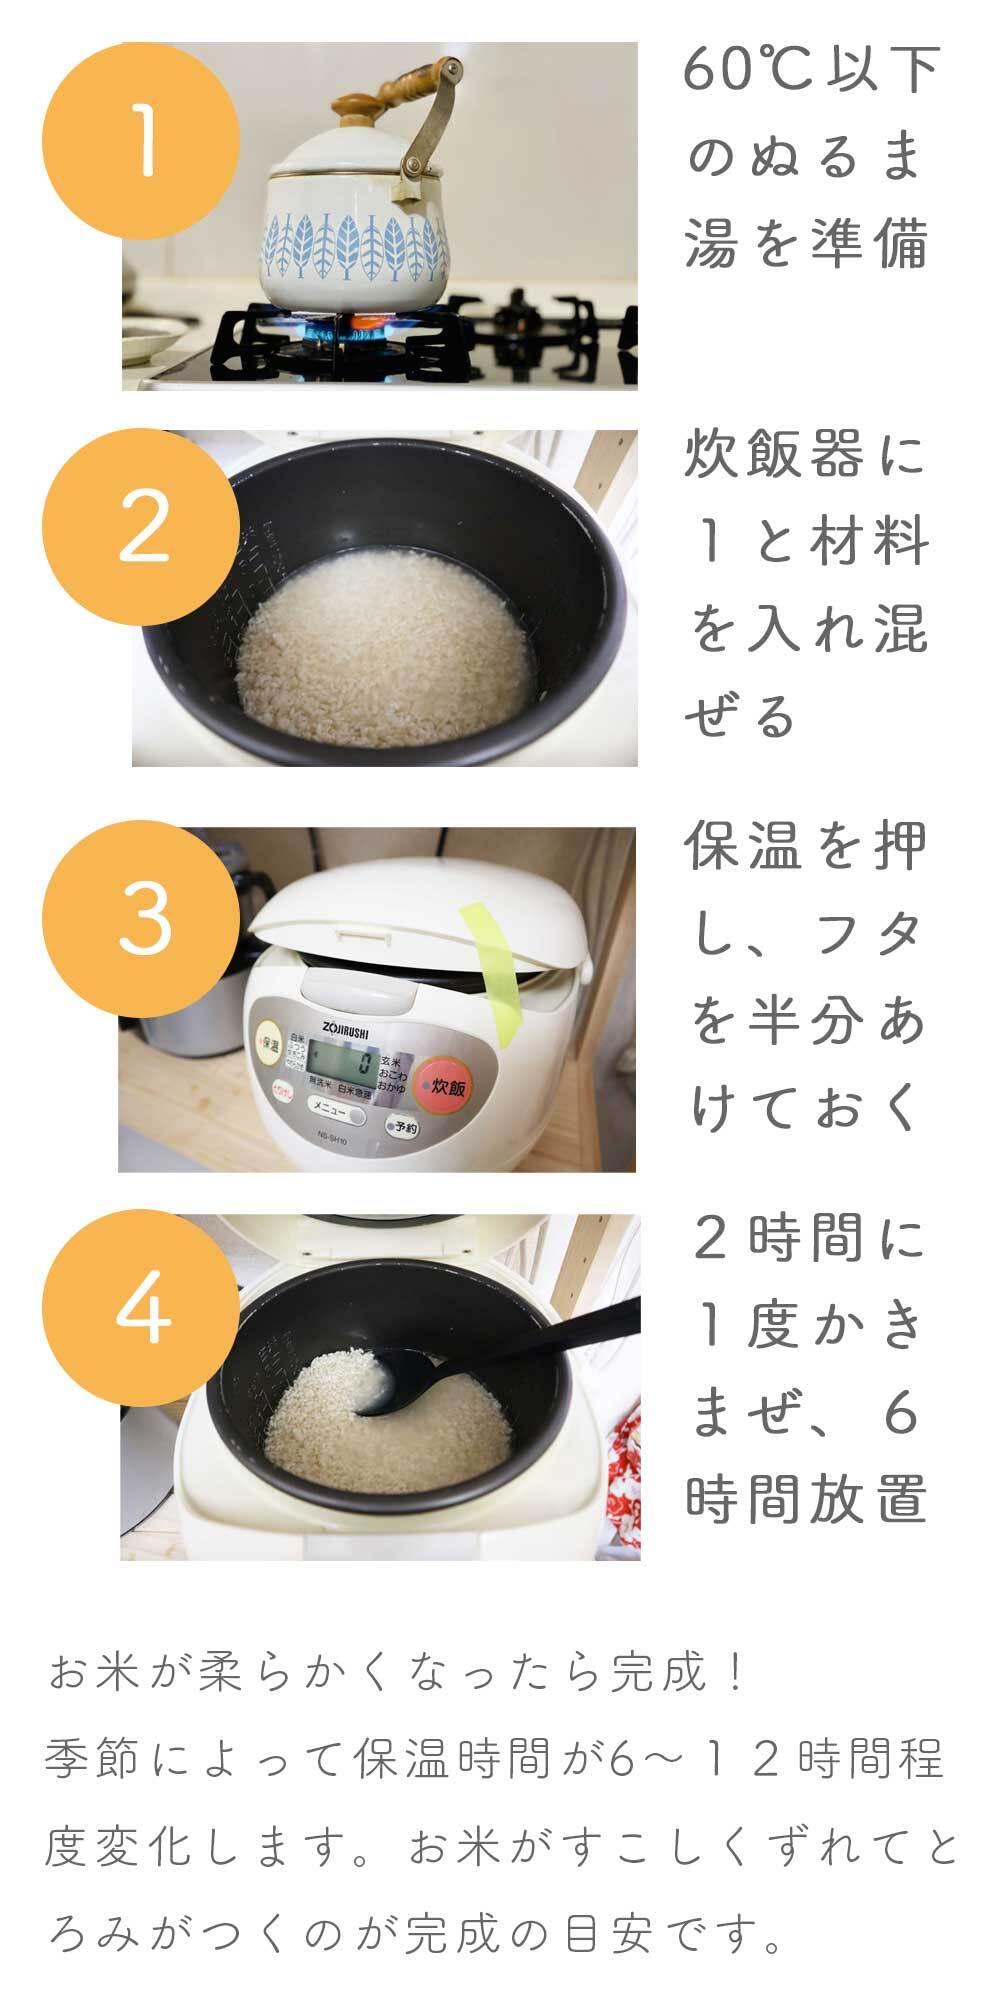 炊飯器を使った塩麹の作り方